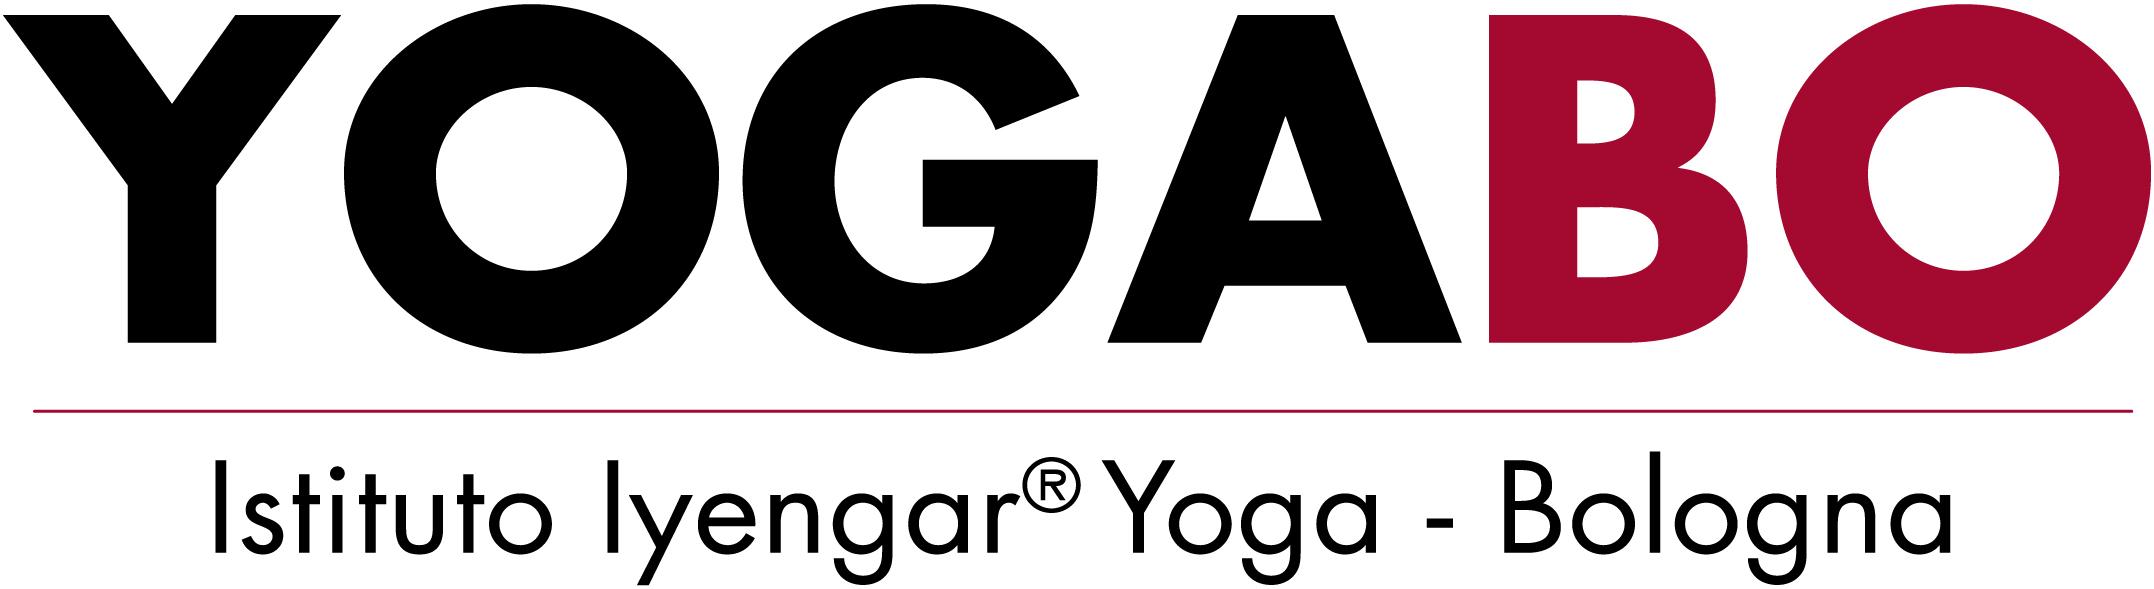 yogabologoOK